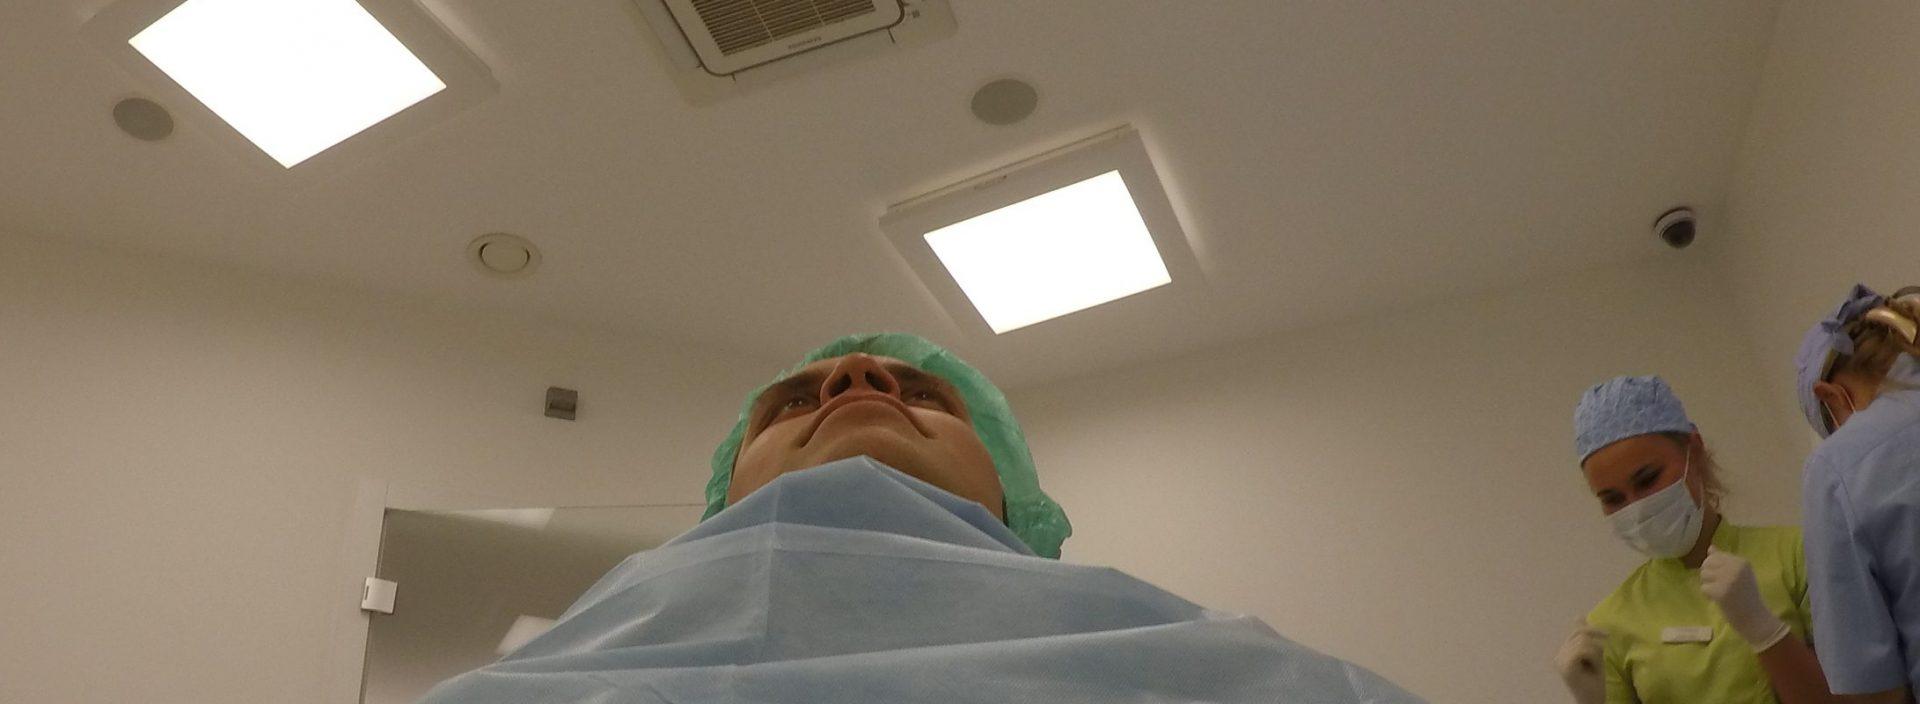 kortykotomia zabieg 1 zadrutowani